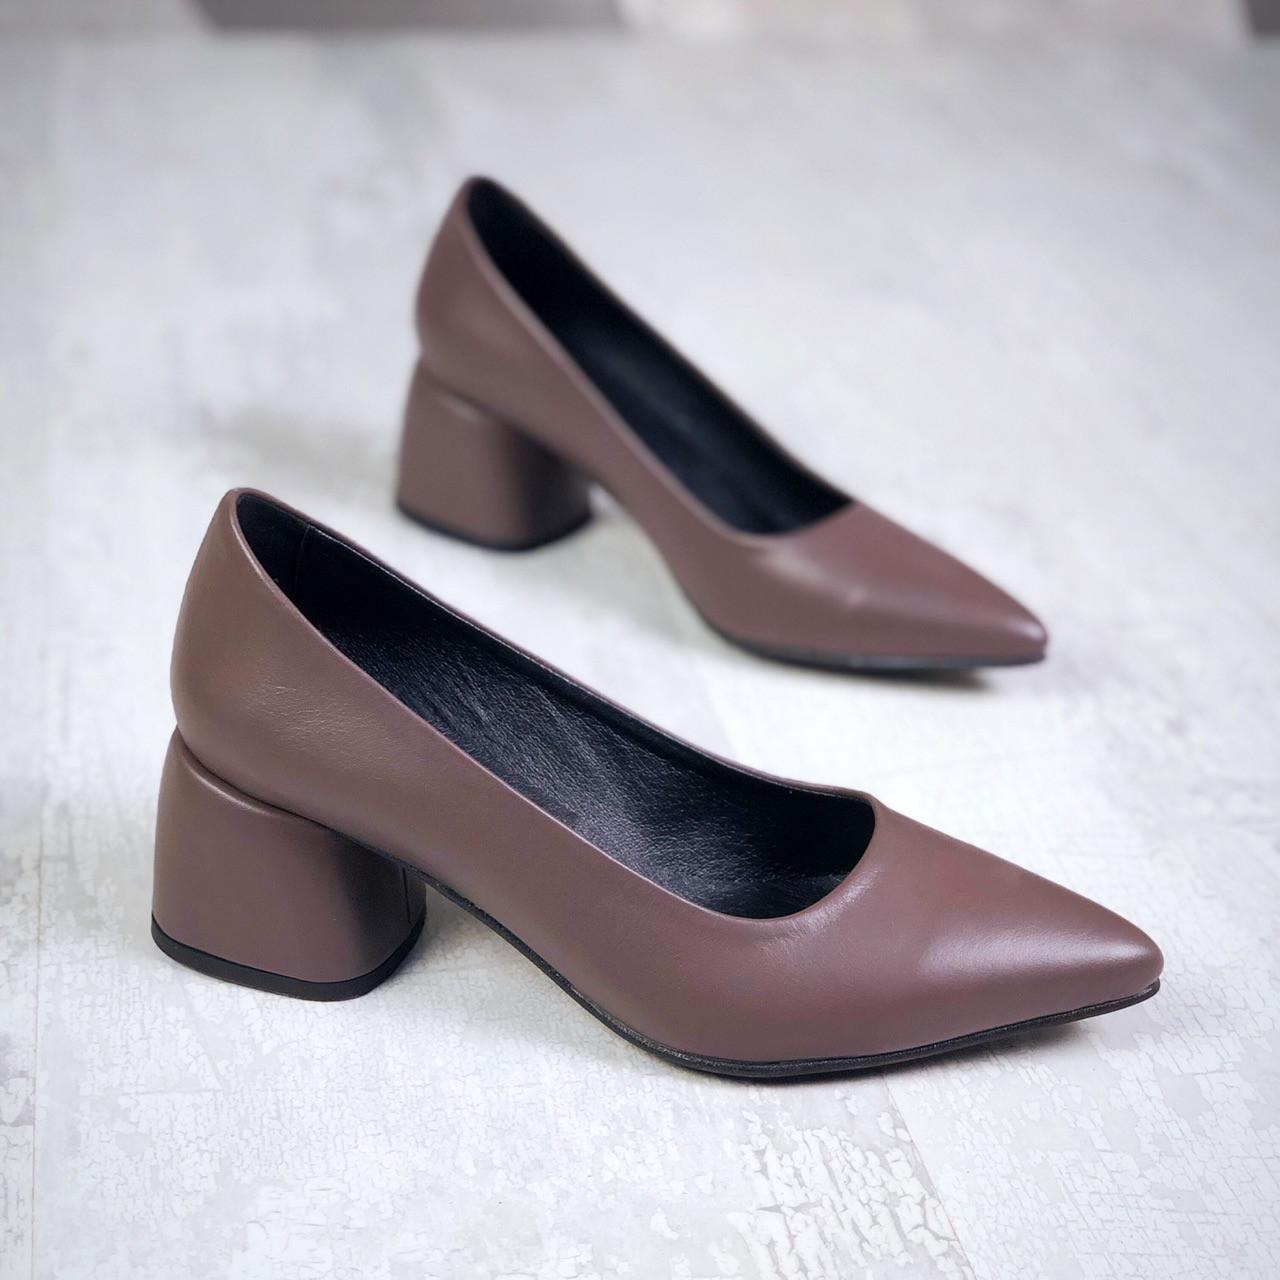 Шикарные кожаные туфли на каблучке 36-40 р кофе